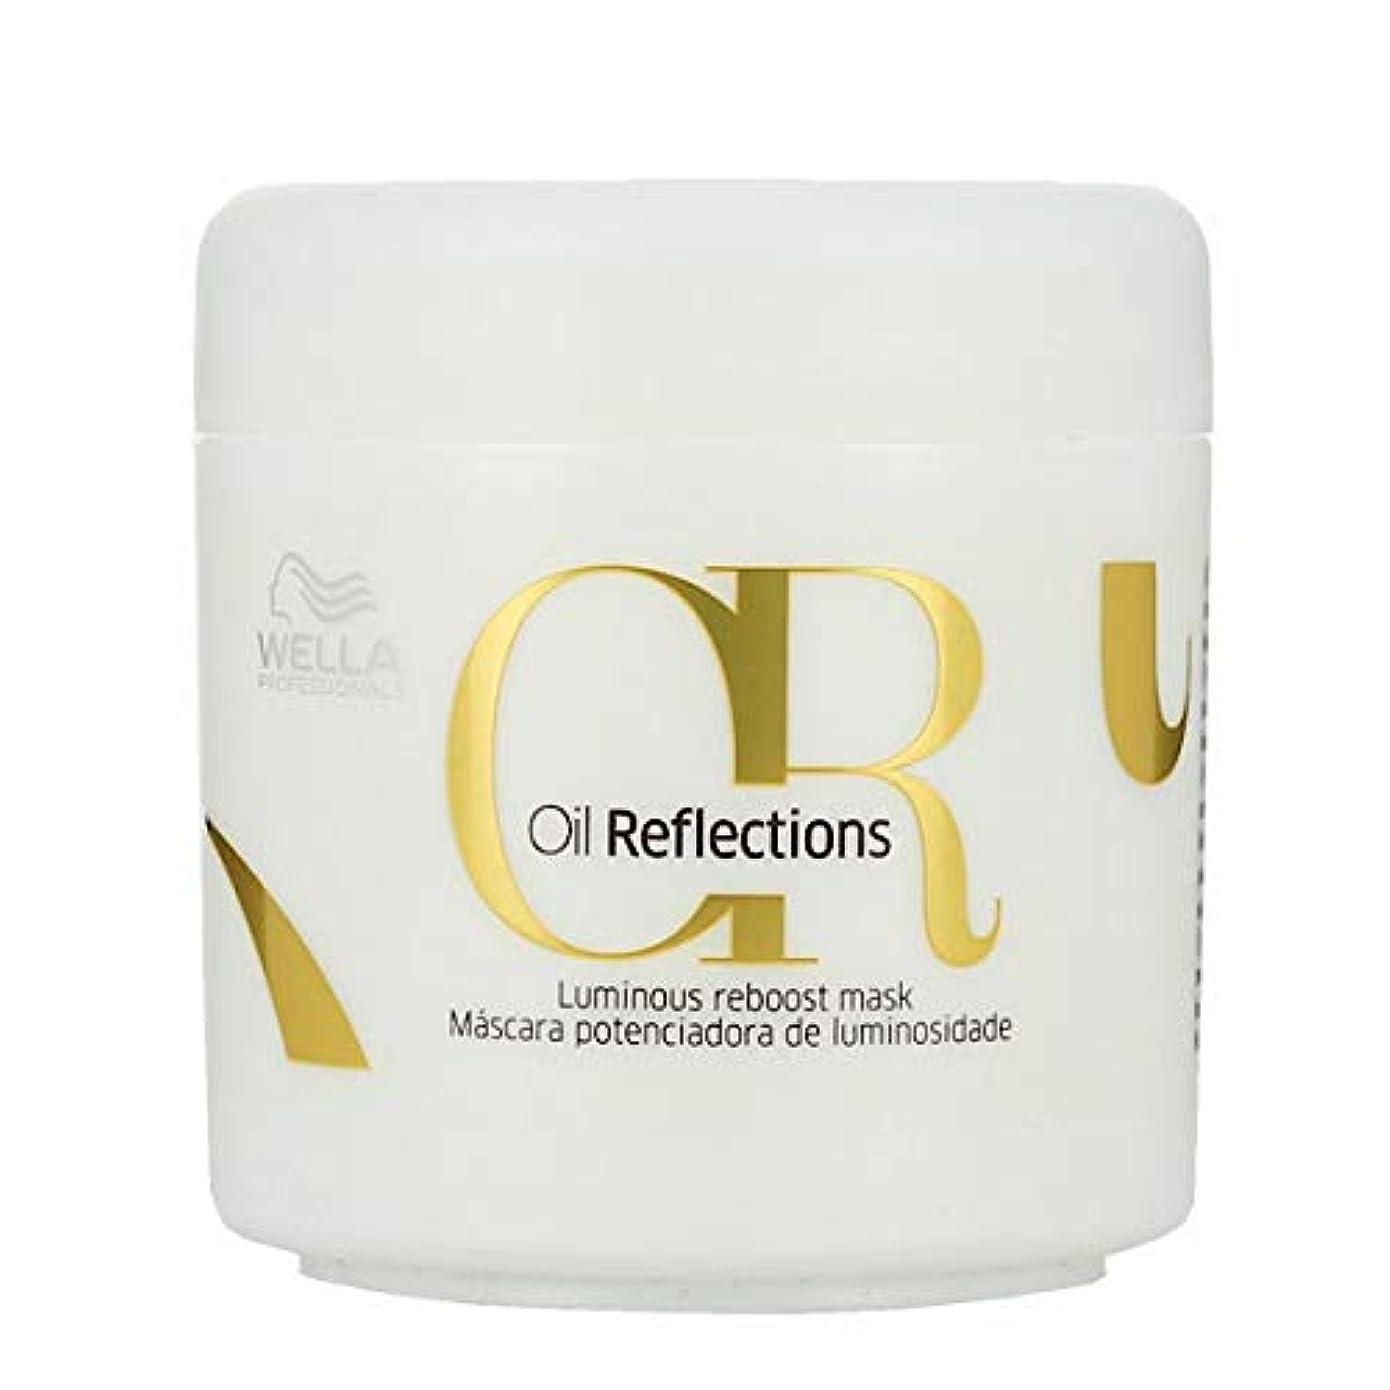 するだろう包括的溶岩Wella Professionals Oil Reflections Luminous Reboost Mask ウエラ オイルリフレクション マスク 150 ml [並行輸入品]